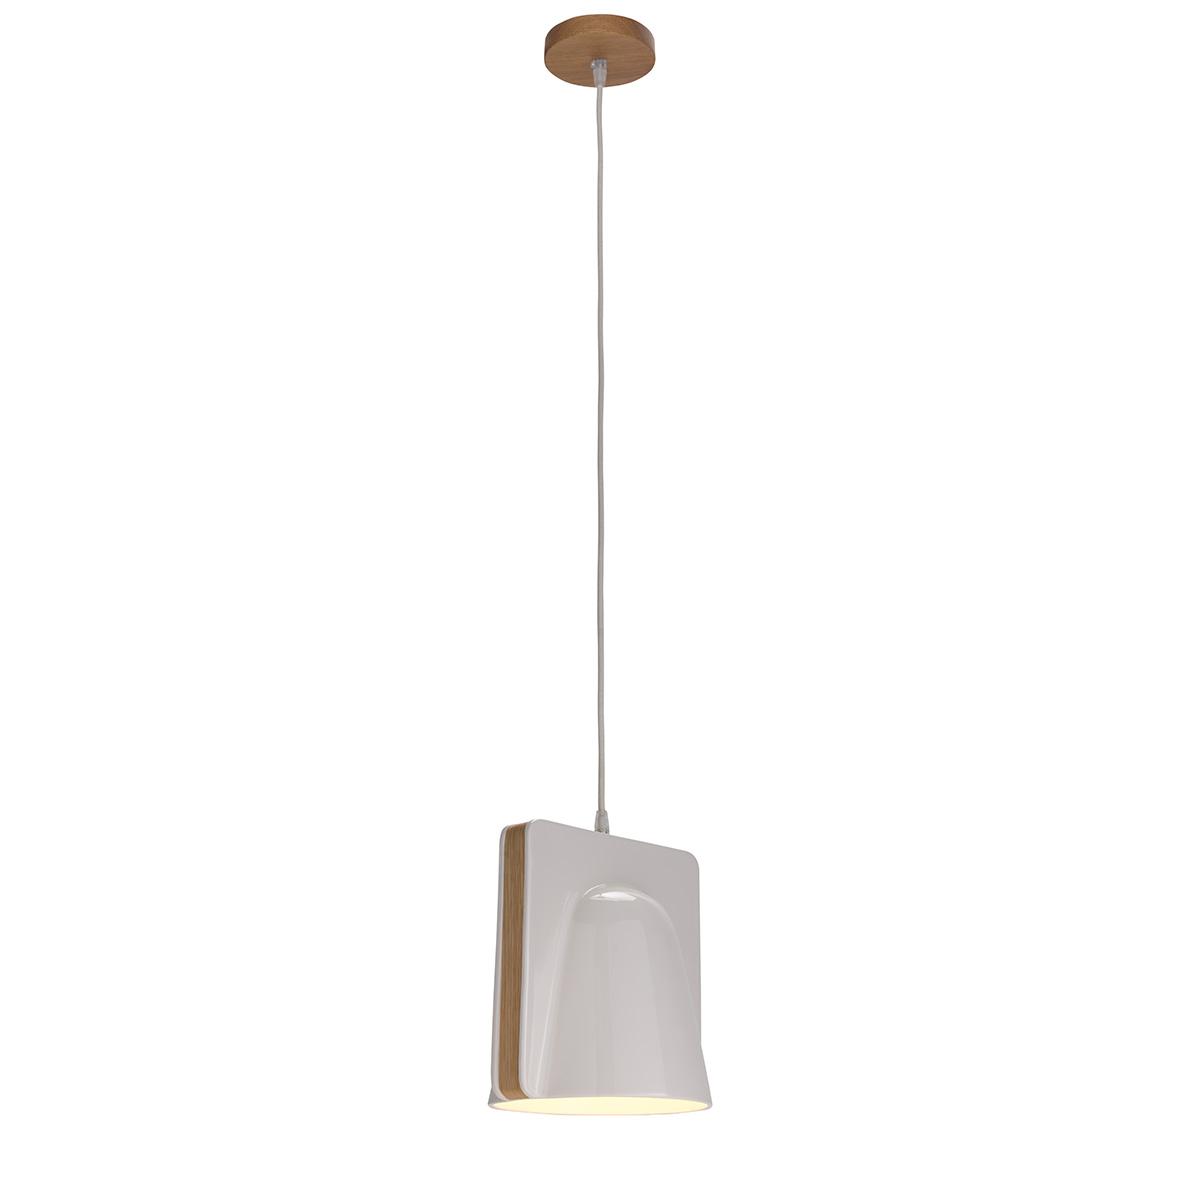 Μοντέρνο κρεμαστό μονόφωτο LAYERS modern ceramic suspension lamp